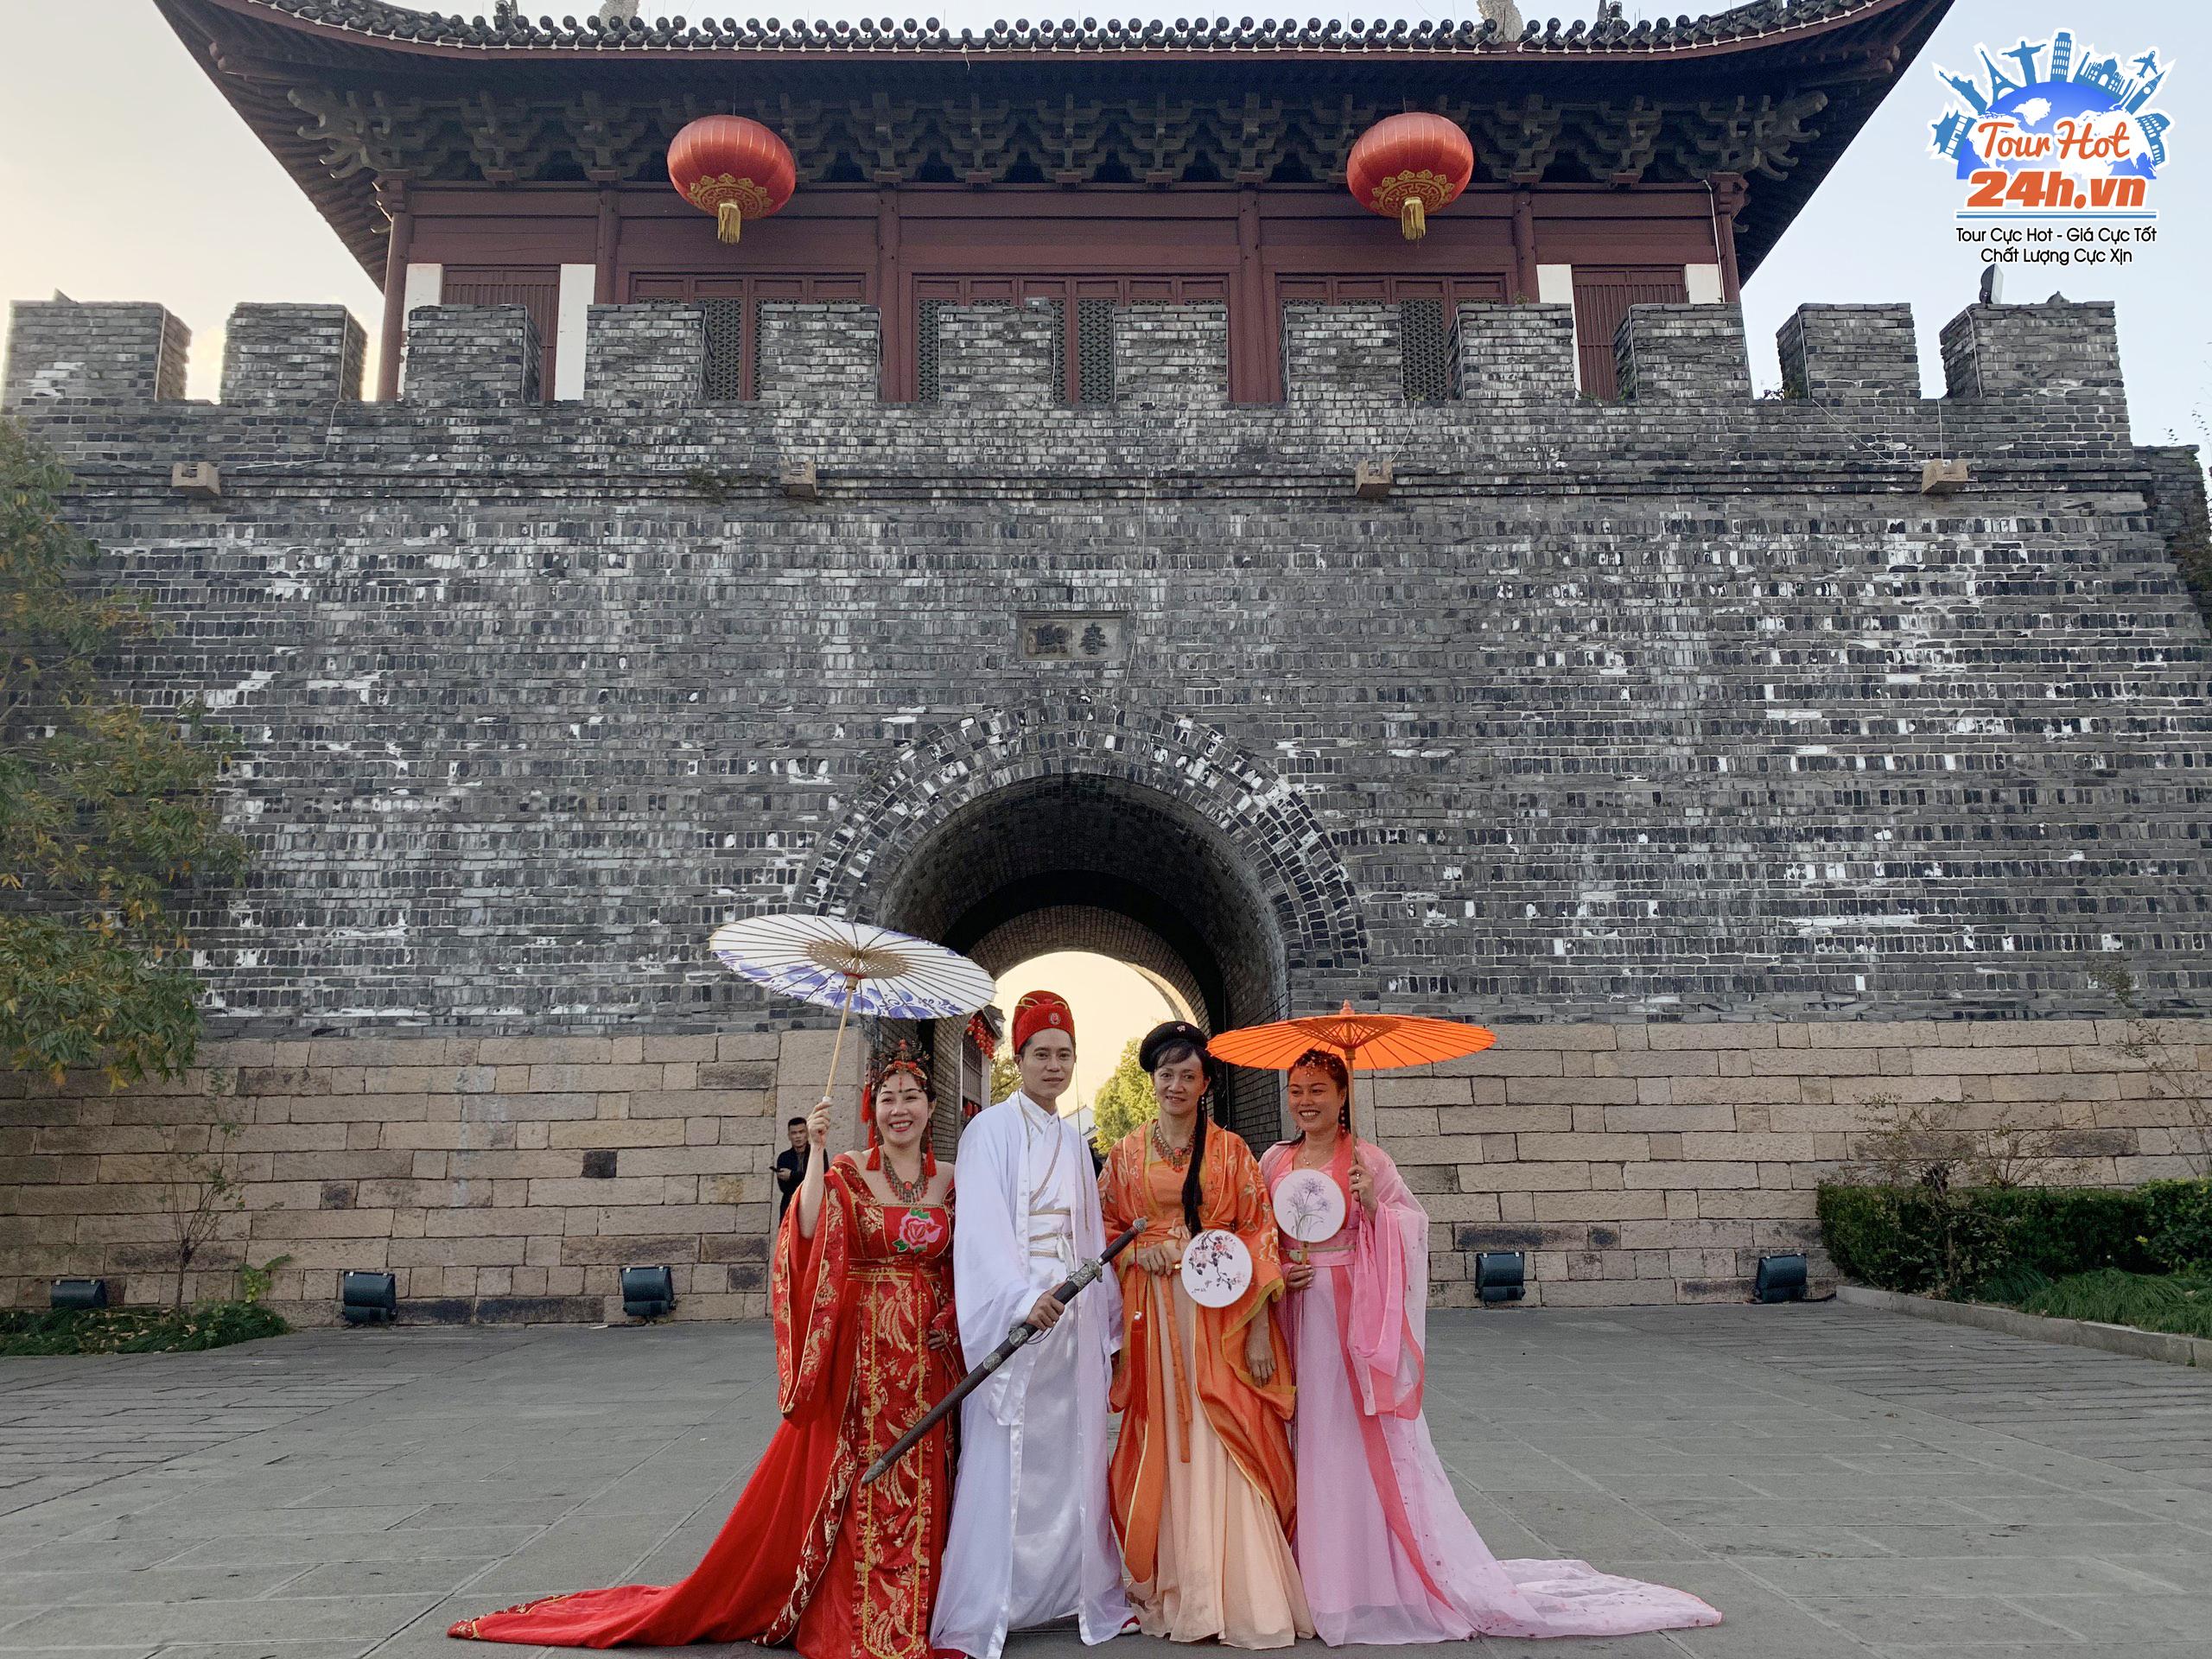 Khách hàng tour Hoàng Sơn Thượng Hải